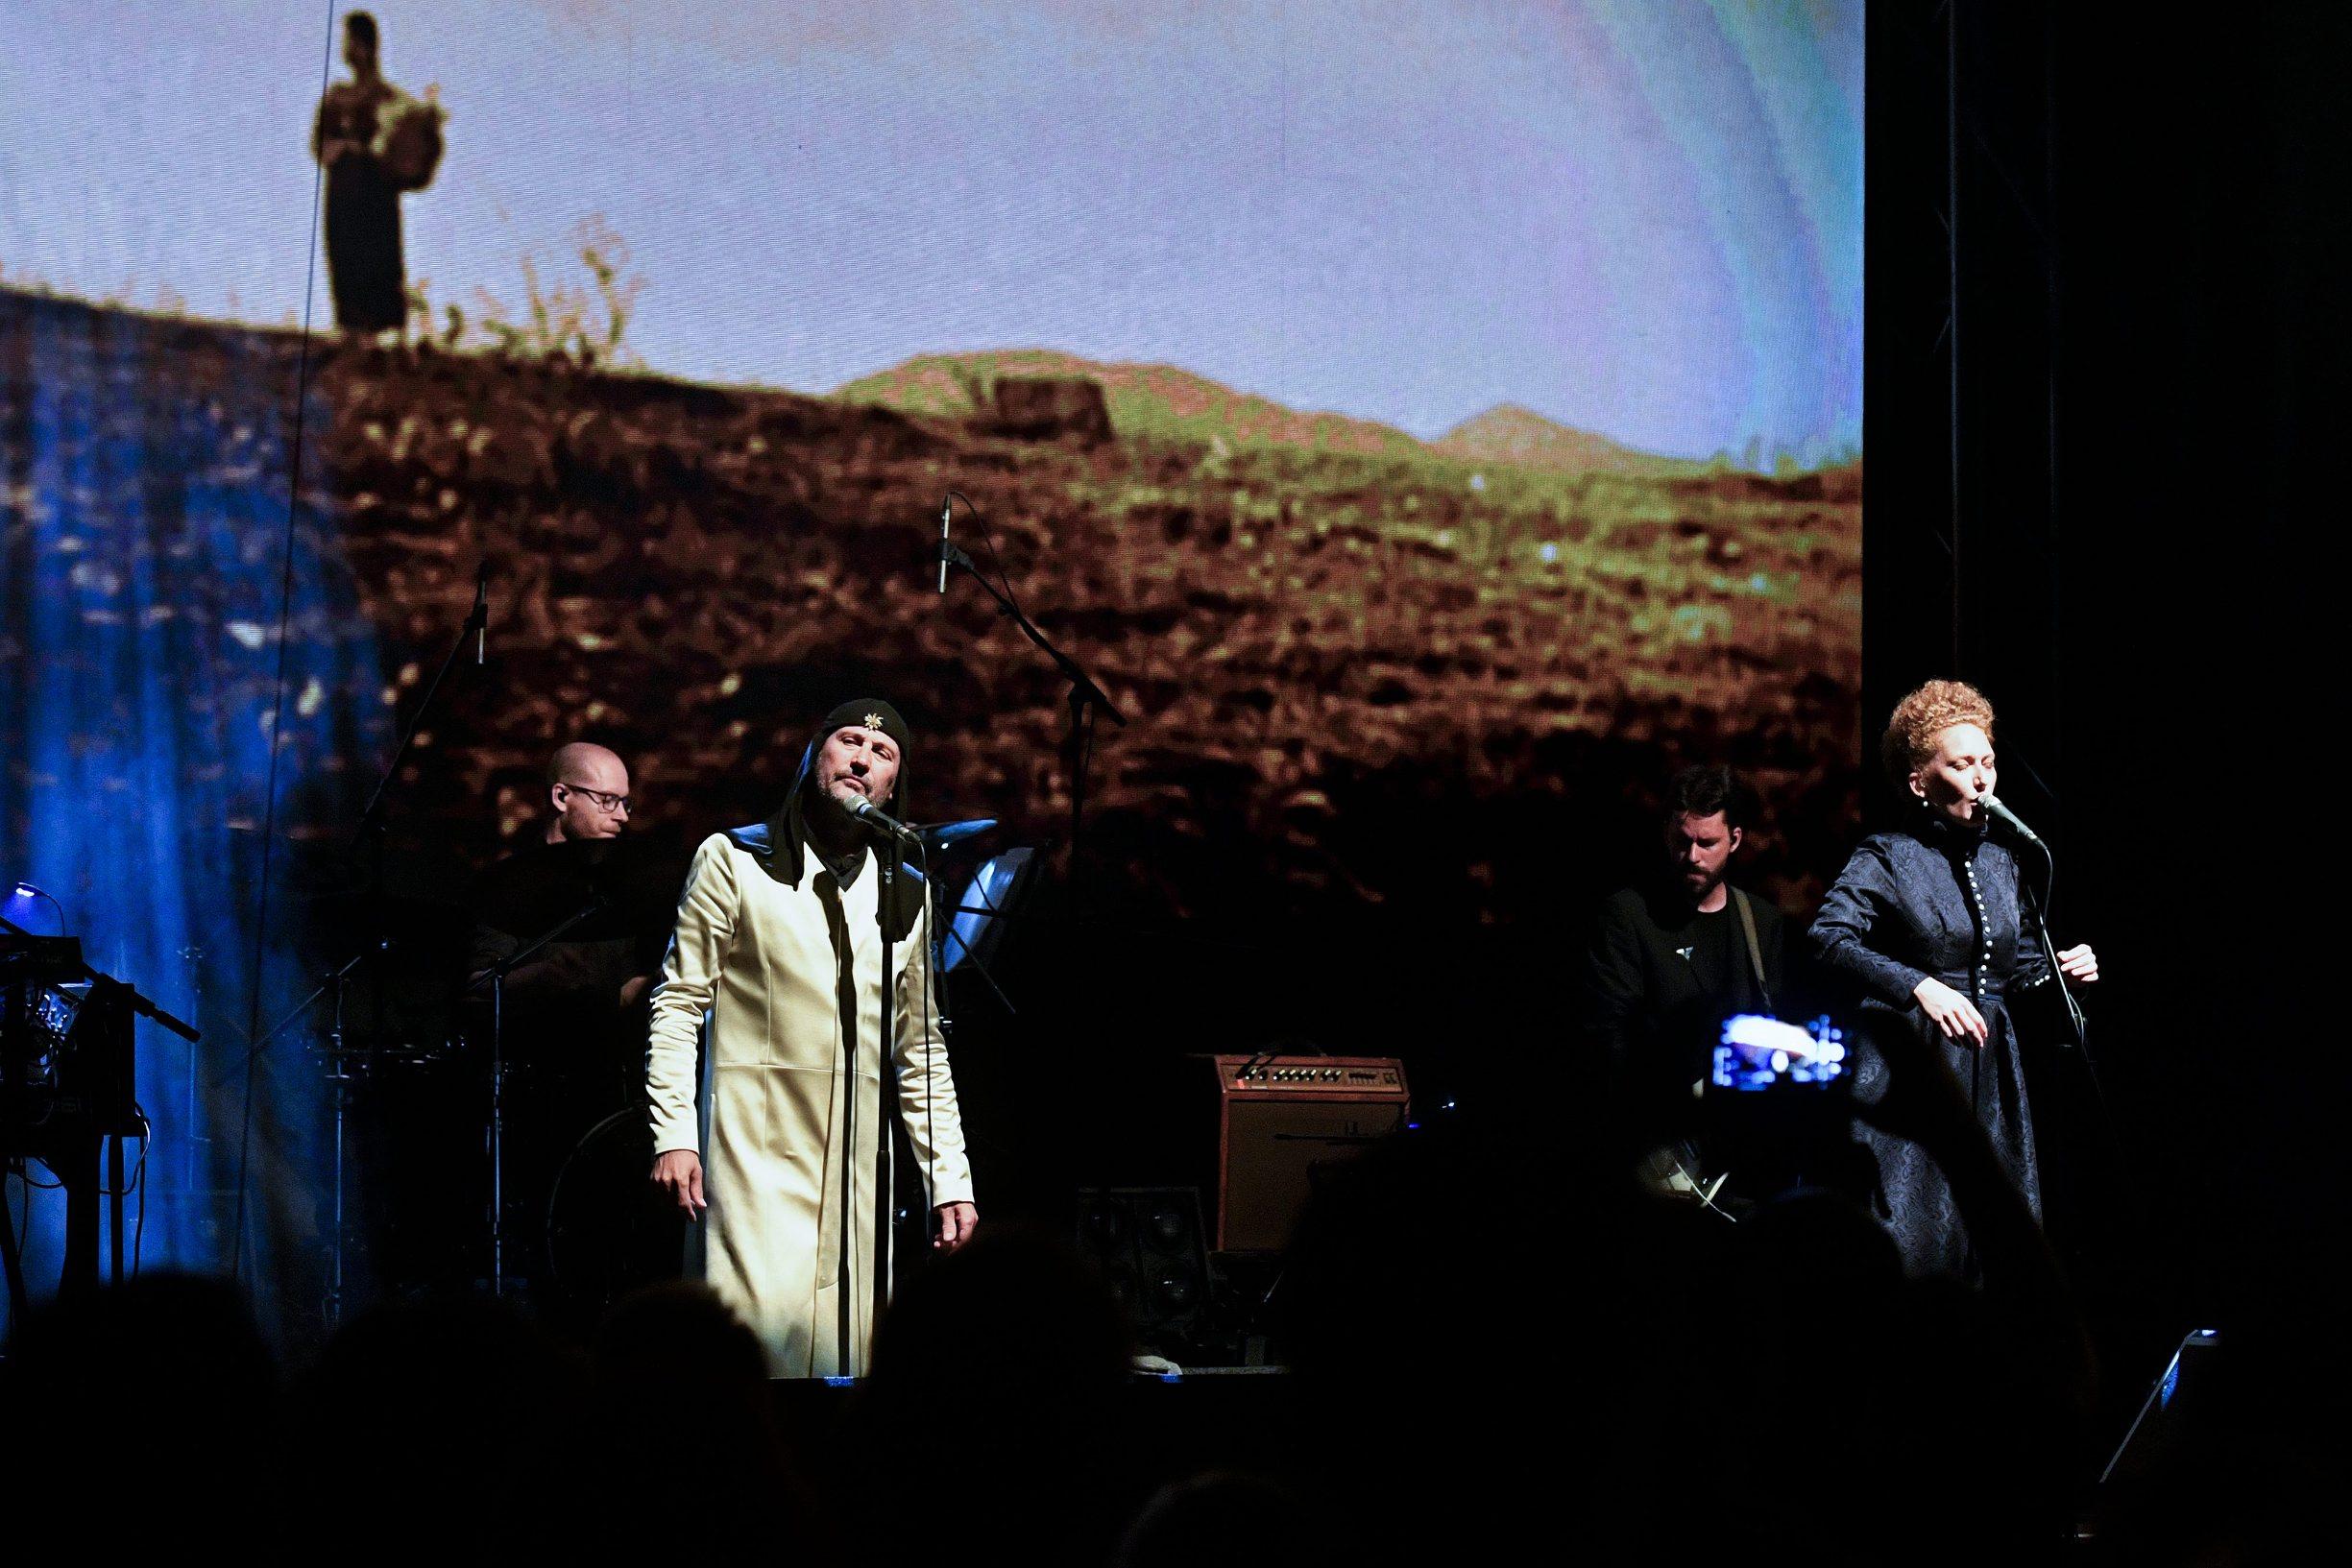 Zagreb, 150619. Koncert grupe Laibach u garazi MSU-a. Foto: Boris Kovacev / CROPIX